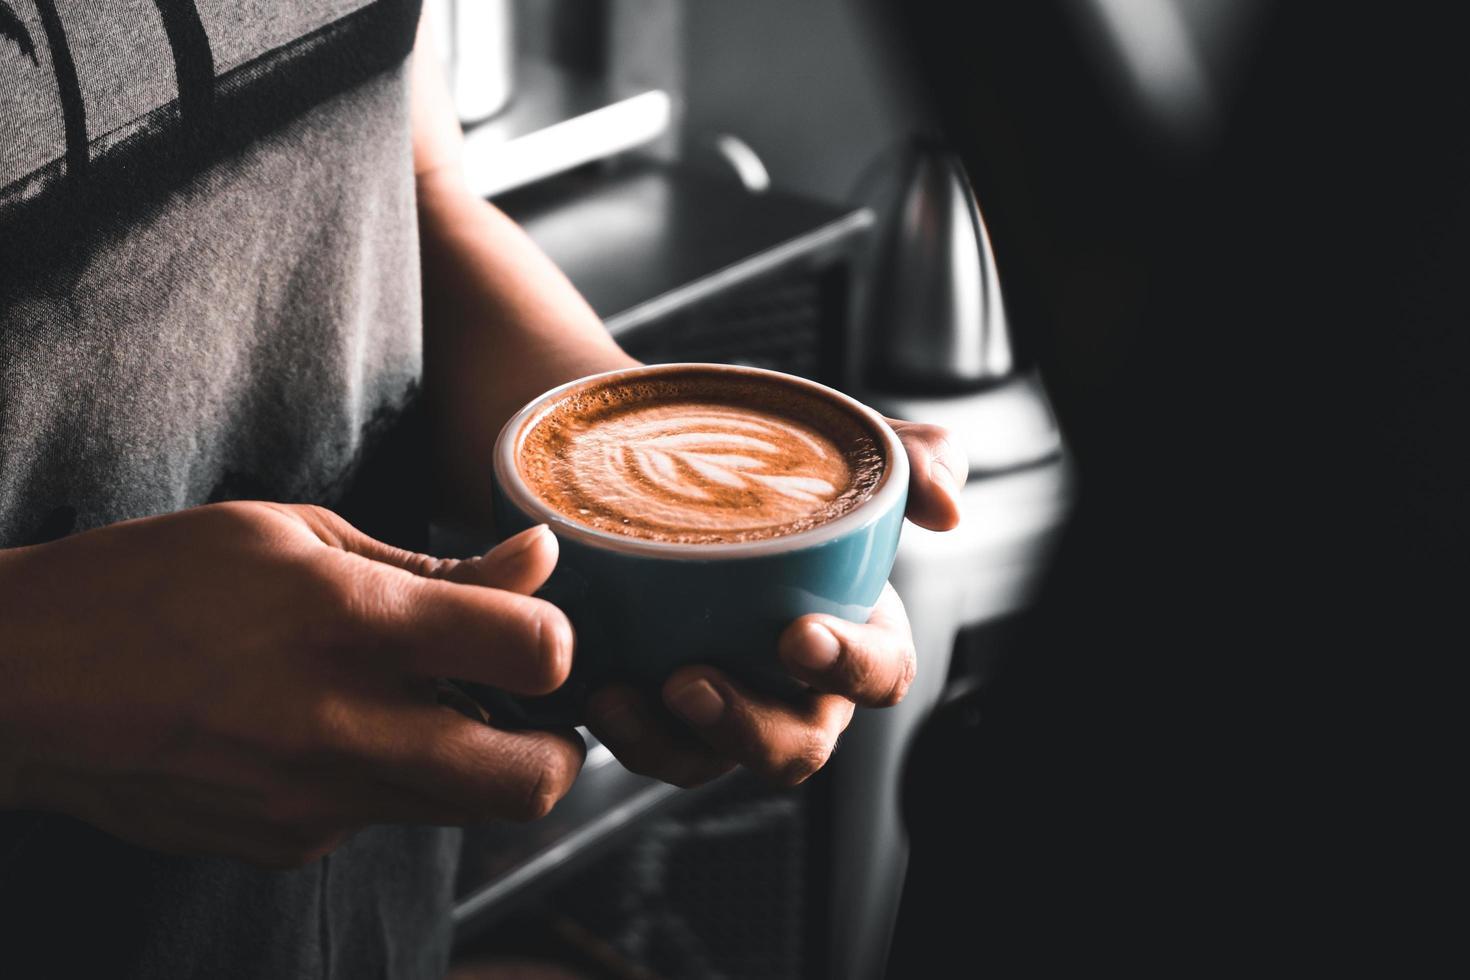 persona sosteniendo una taza de cafe foto